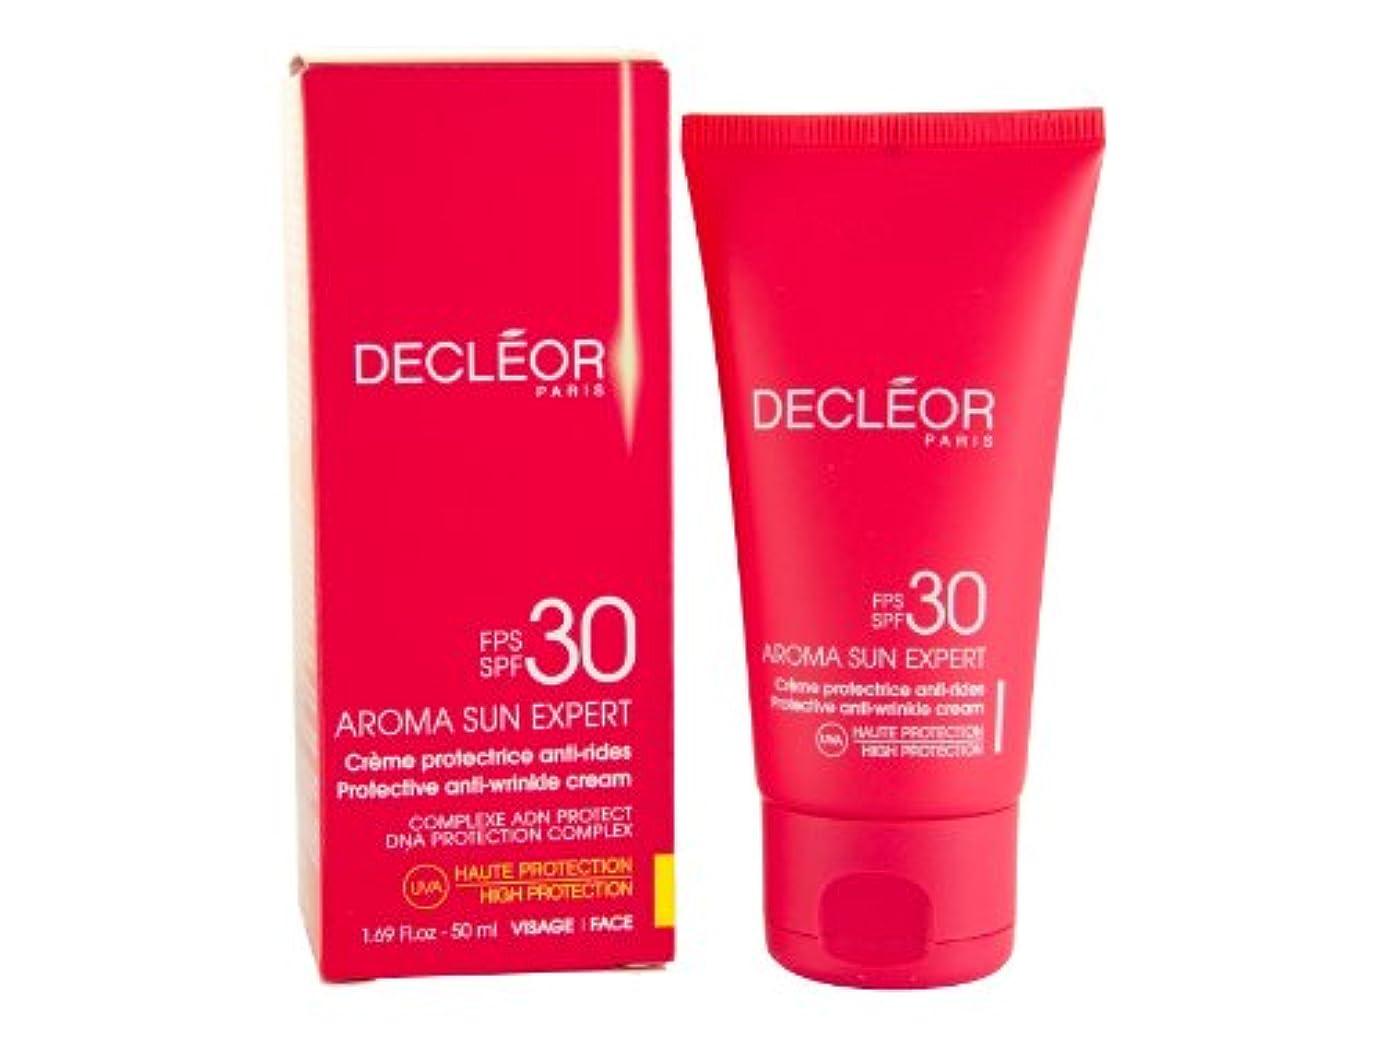 不規則な冬大人デクレオール(DECLEOR) プロテクティブ サンクリーム 50g(日焼け止めクリーム)SPF30